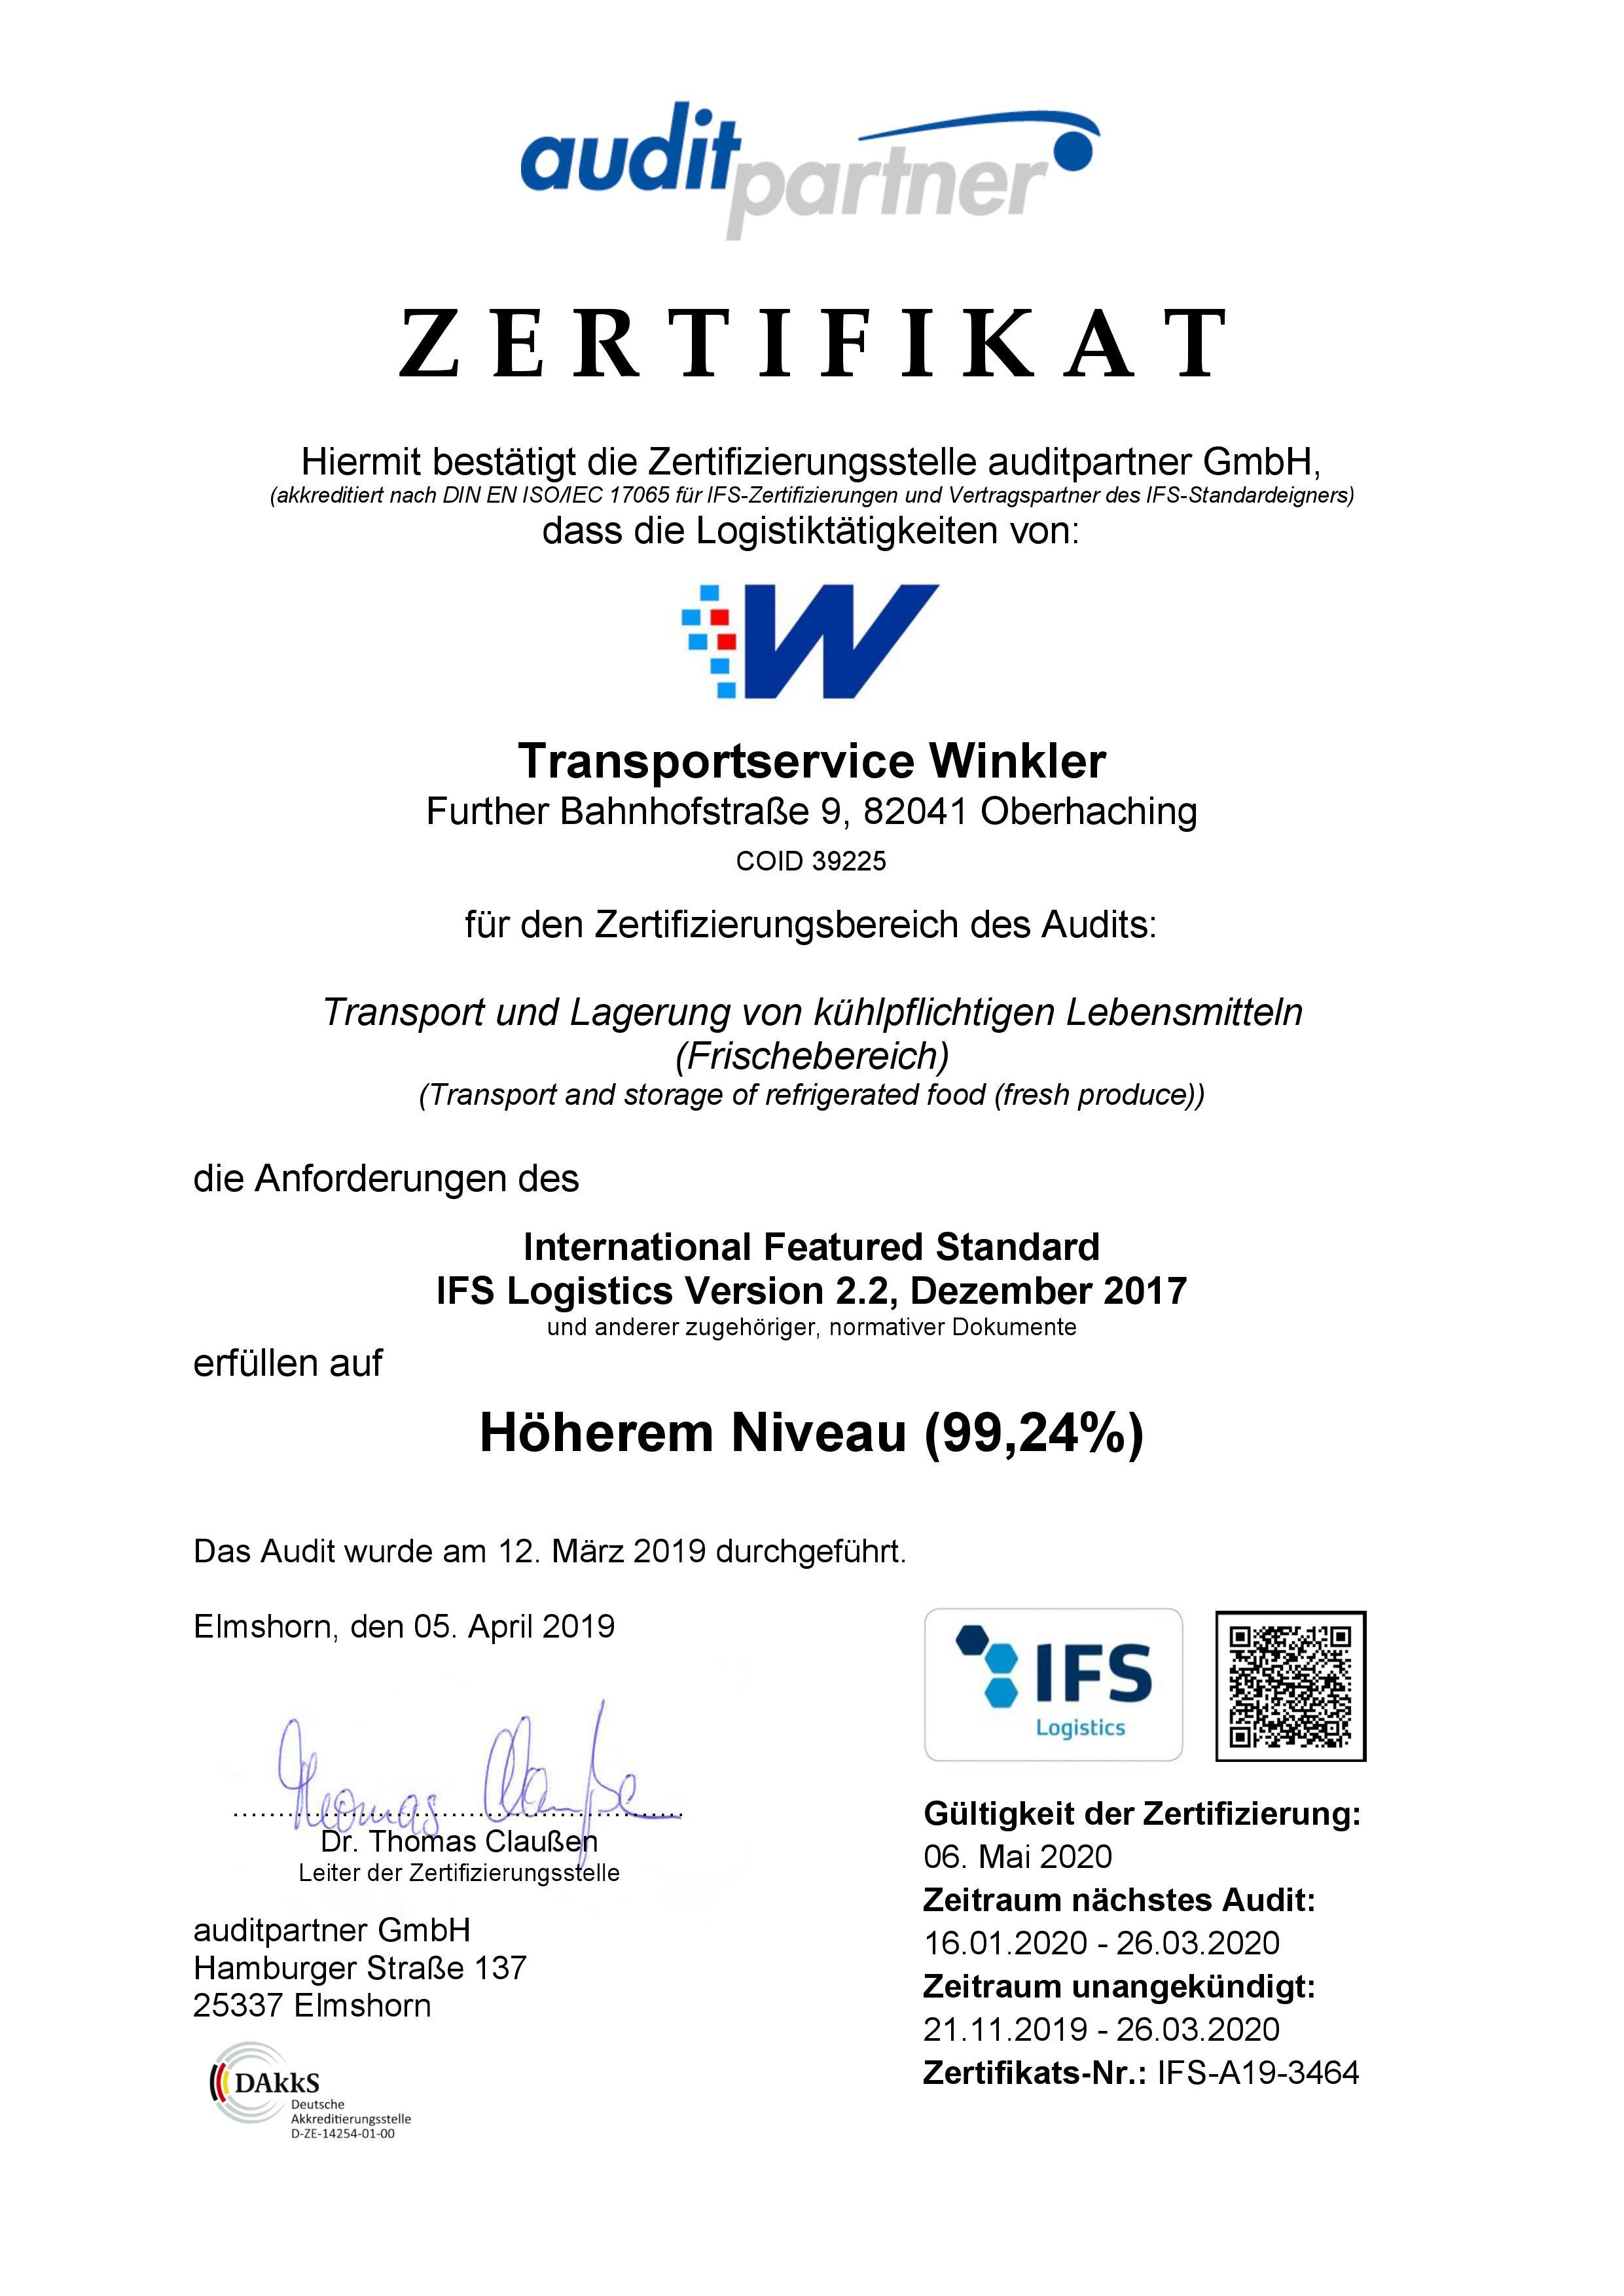 Zertifikat IFS Logistics 2.2 / 2019